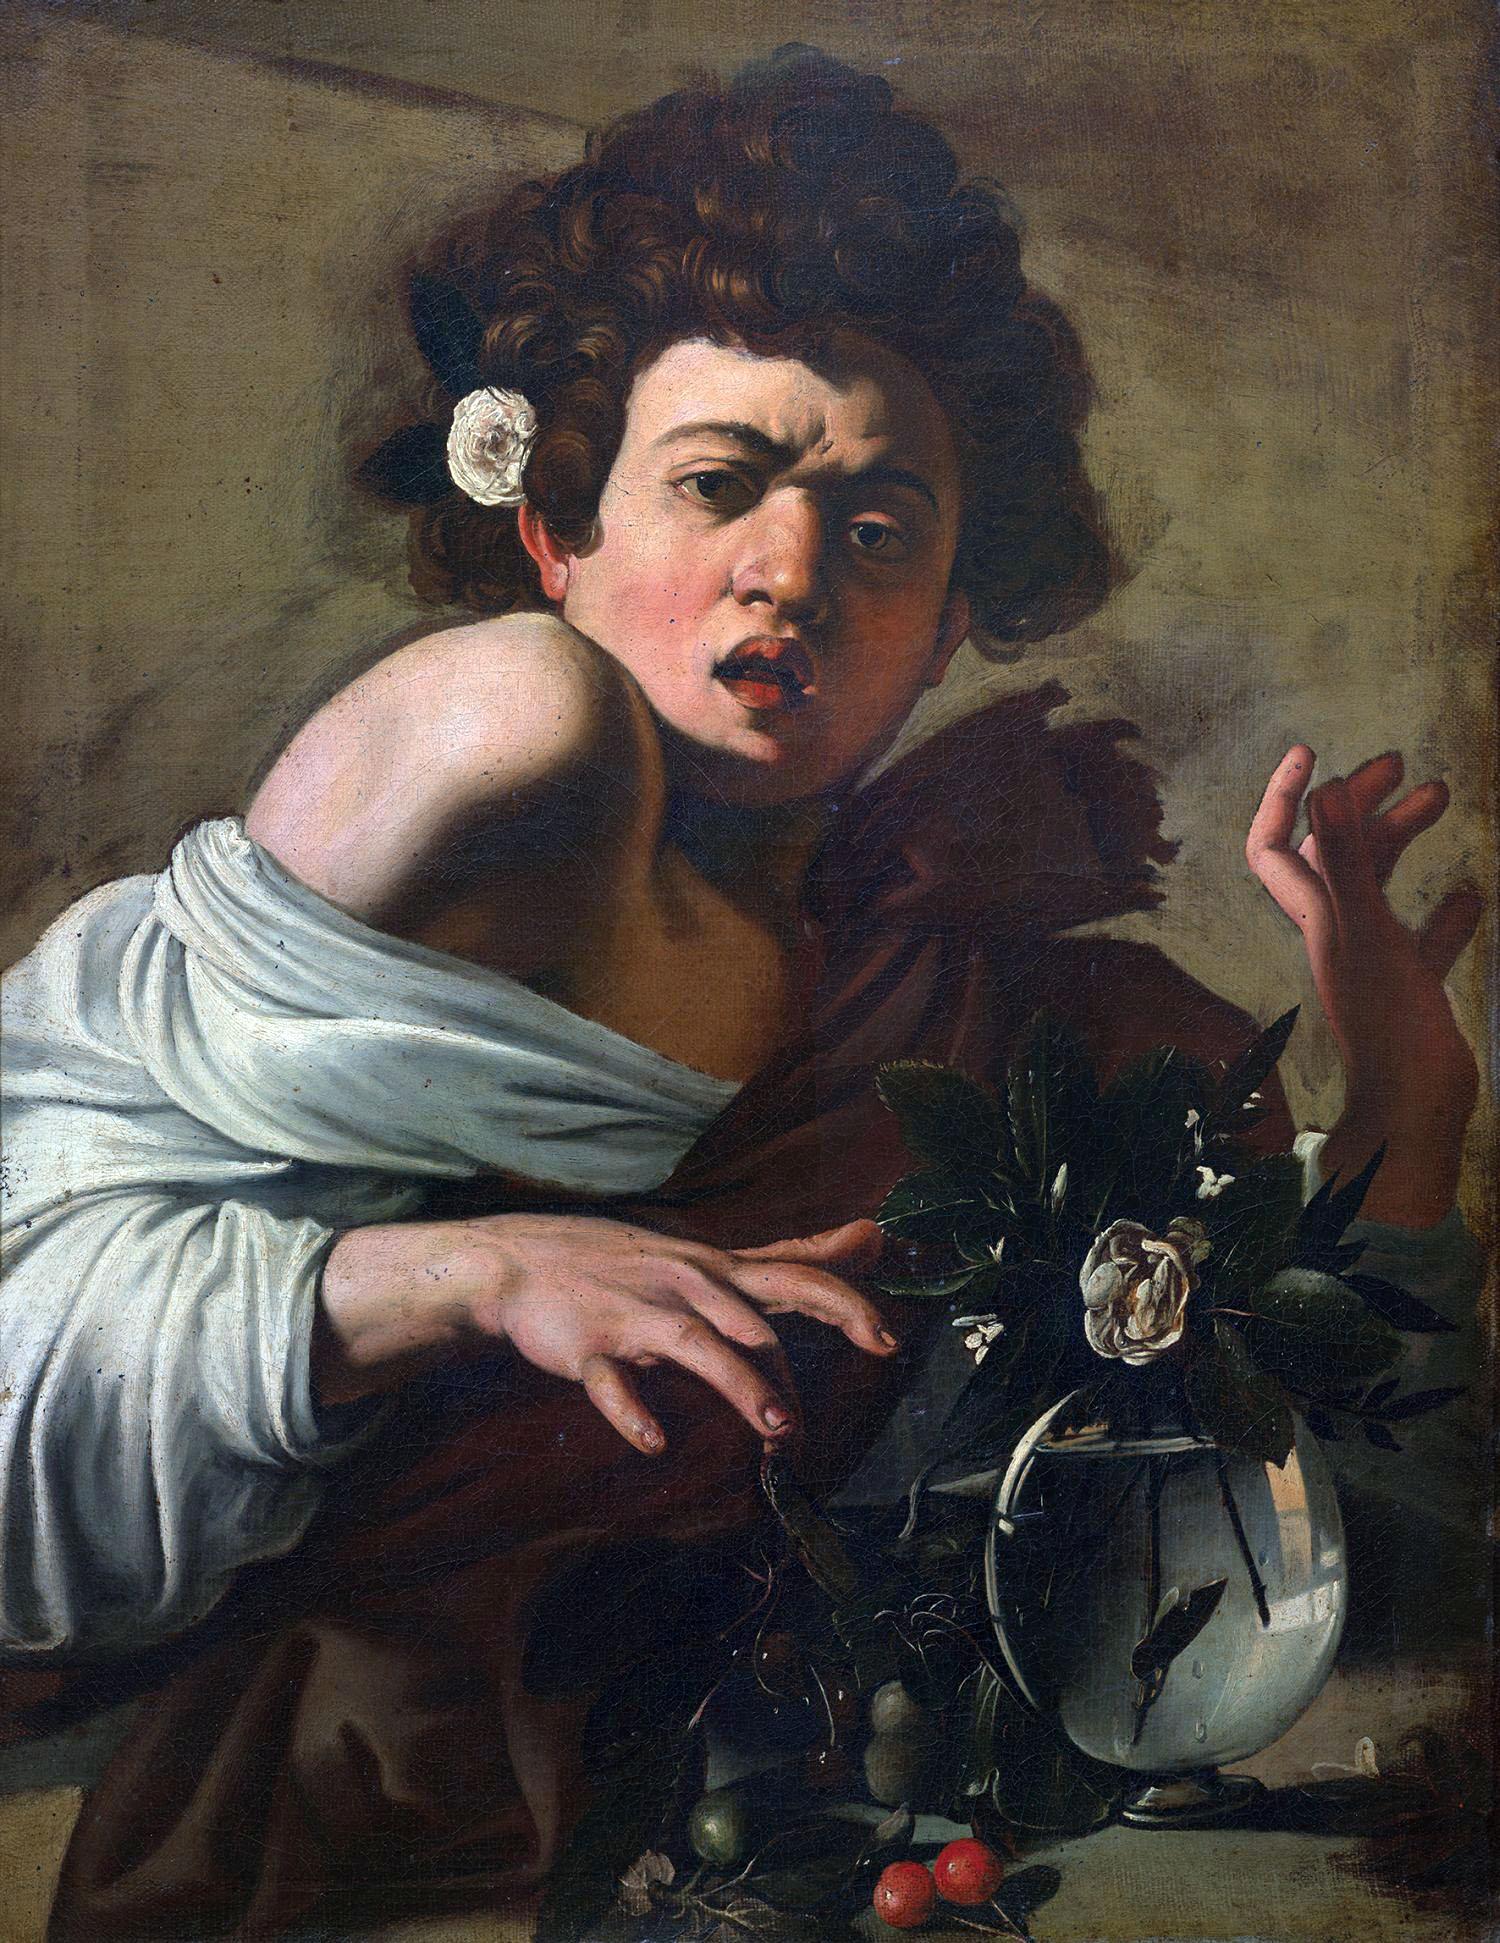 Caravaggio, Ragazzo morso da un ramarro